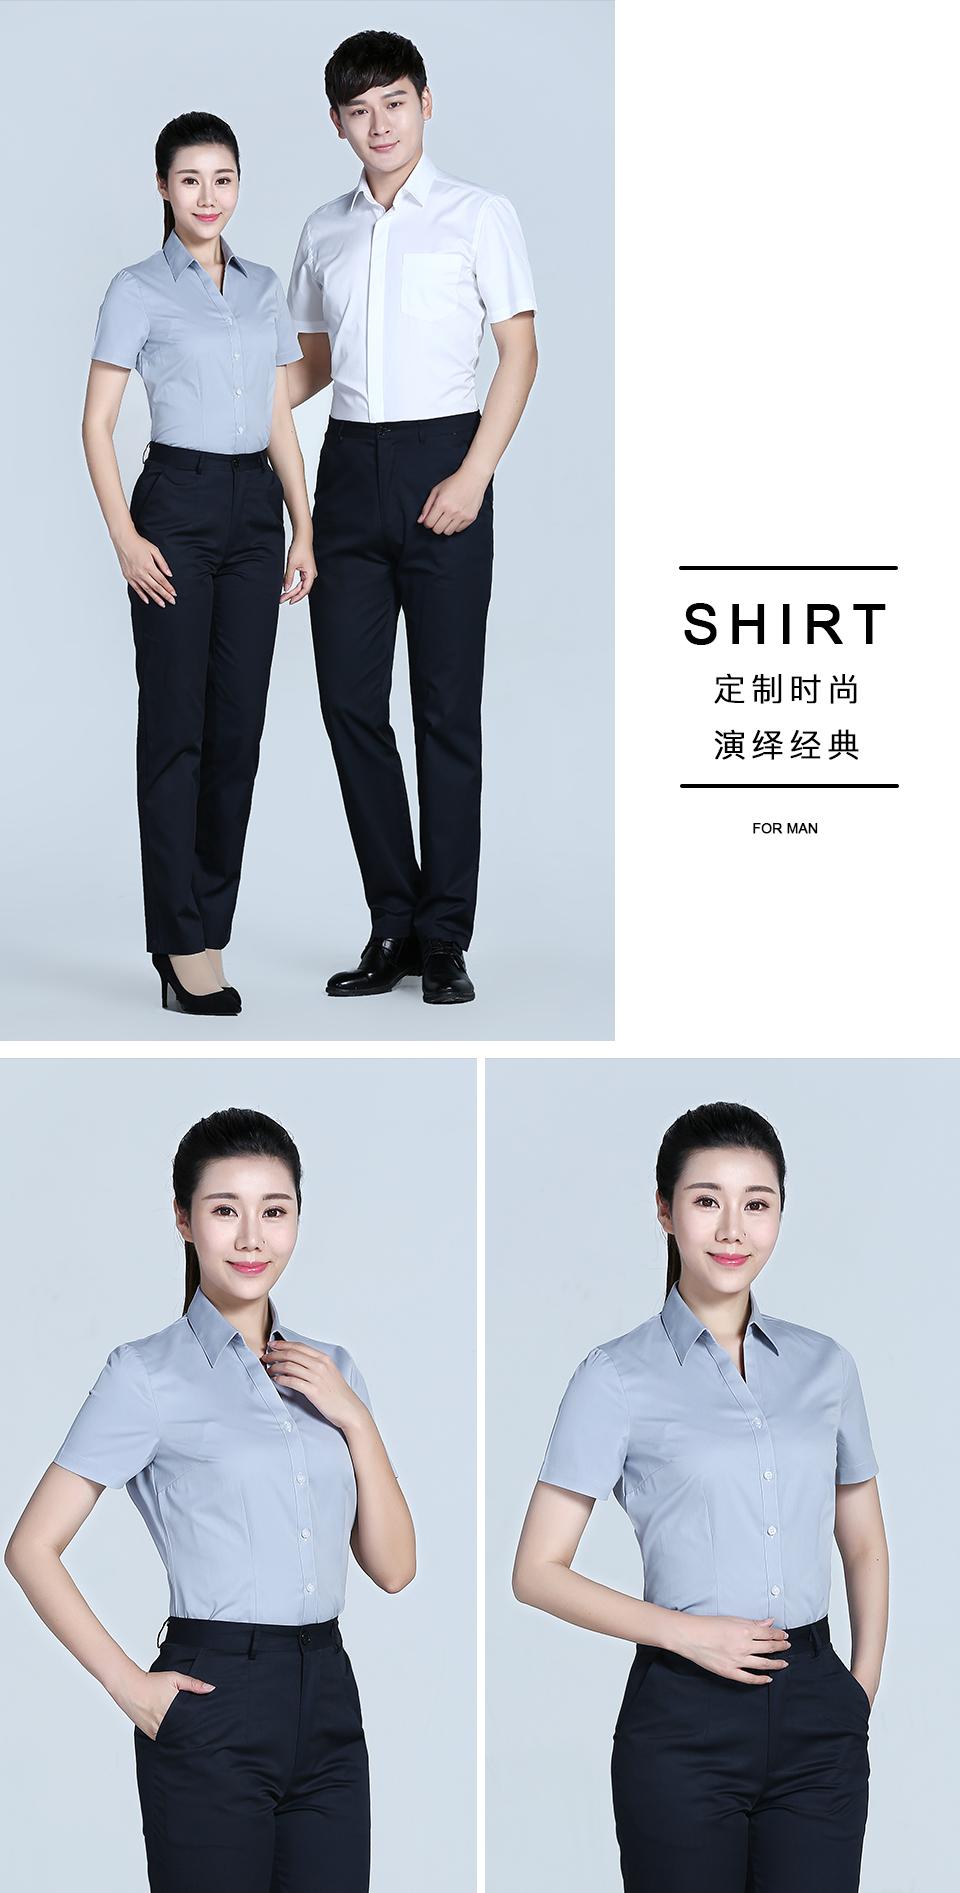 2019新款衬衫中灰色女浅灰V领短袖衬衫